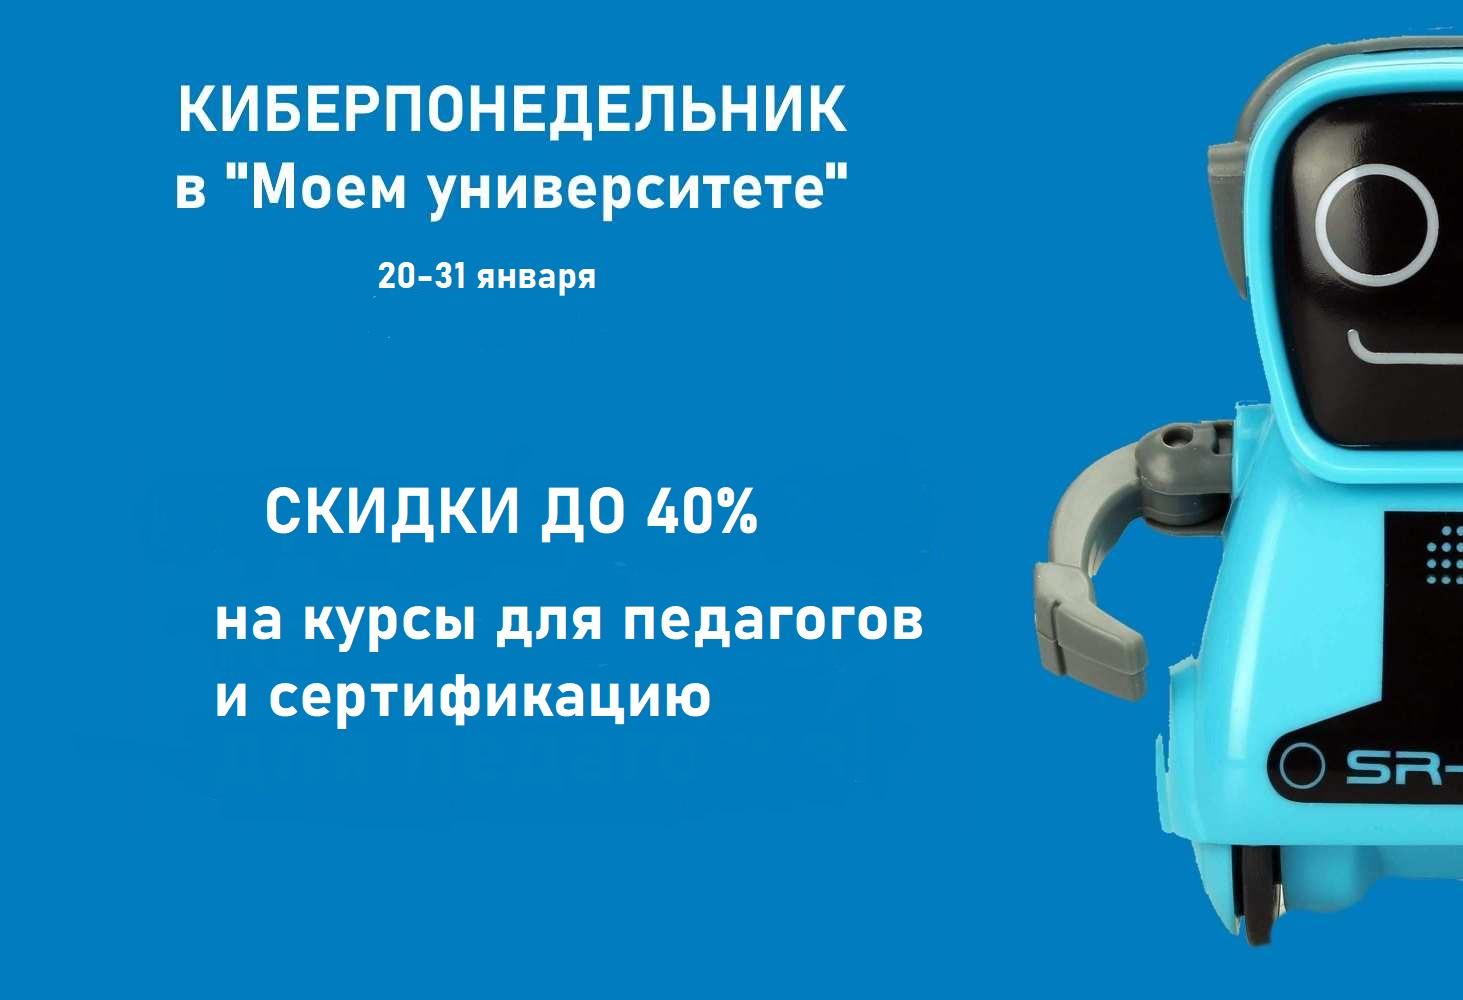 kiberponedelnik-v-moem-universitete-skidki-do-40-dlya-pedagogov